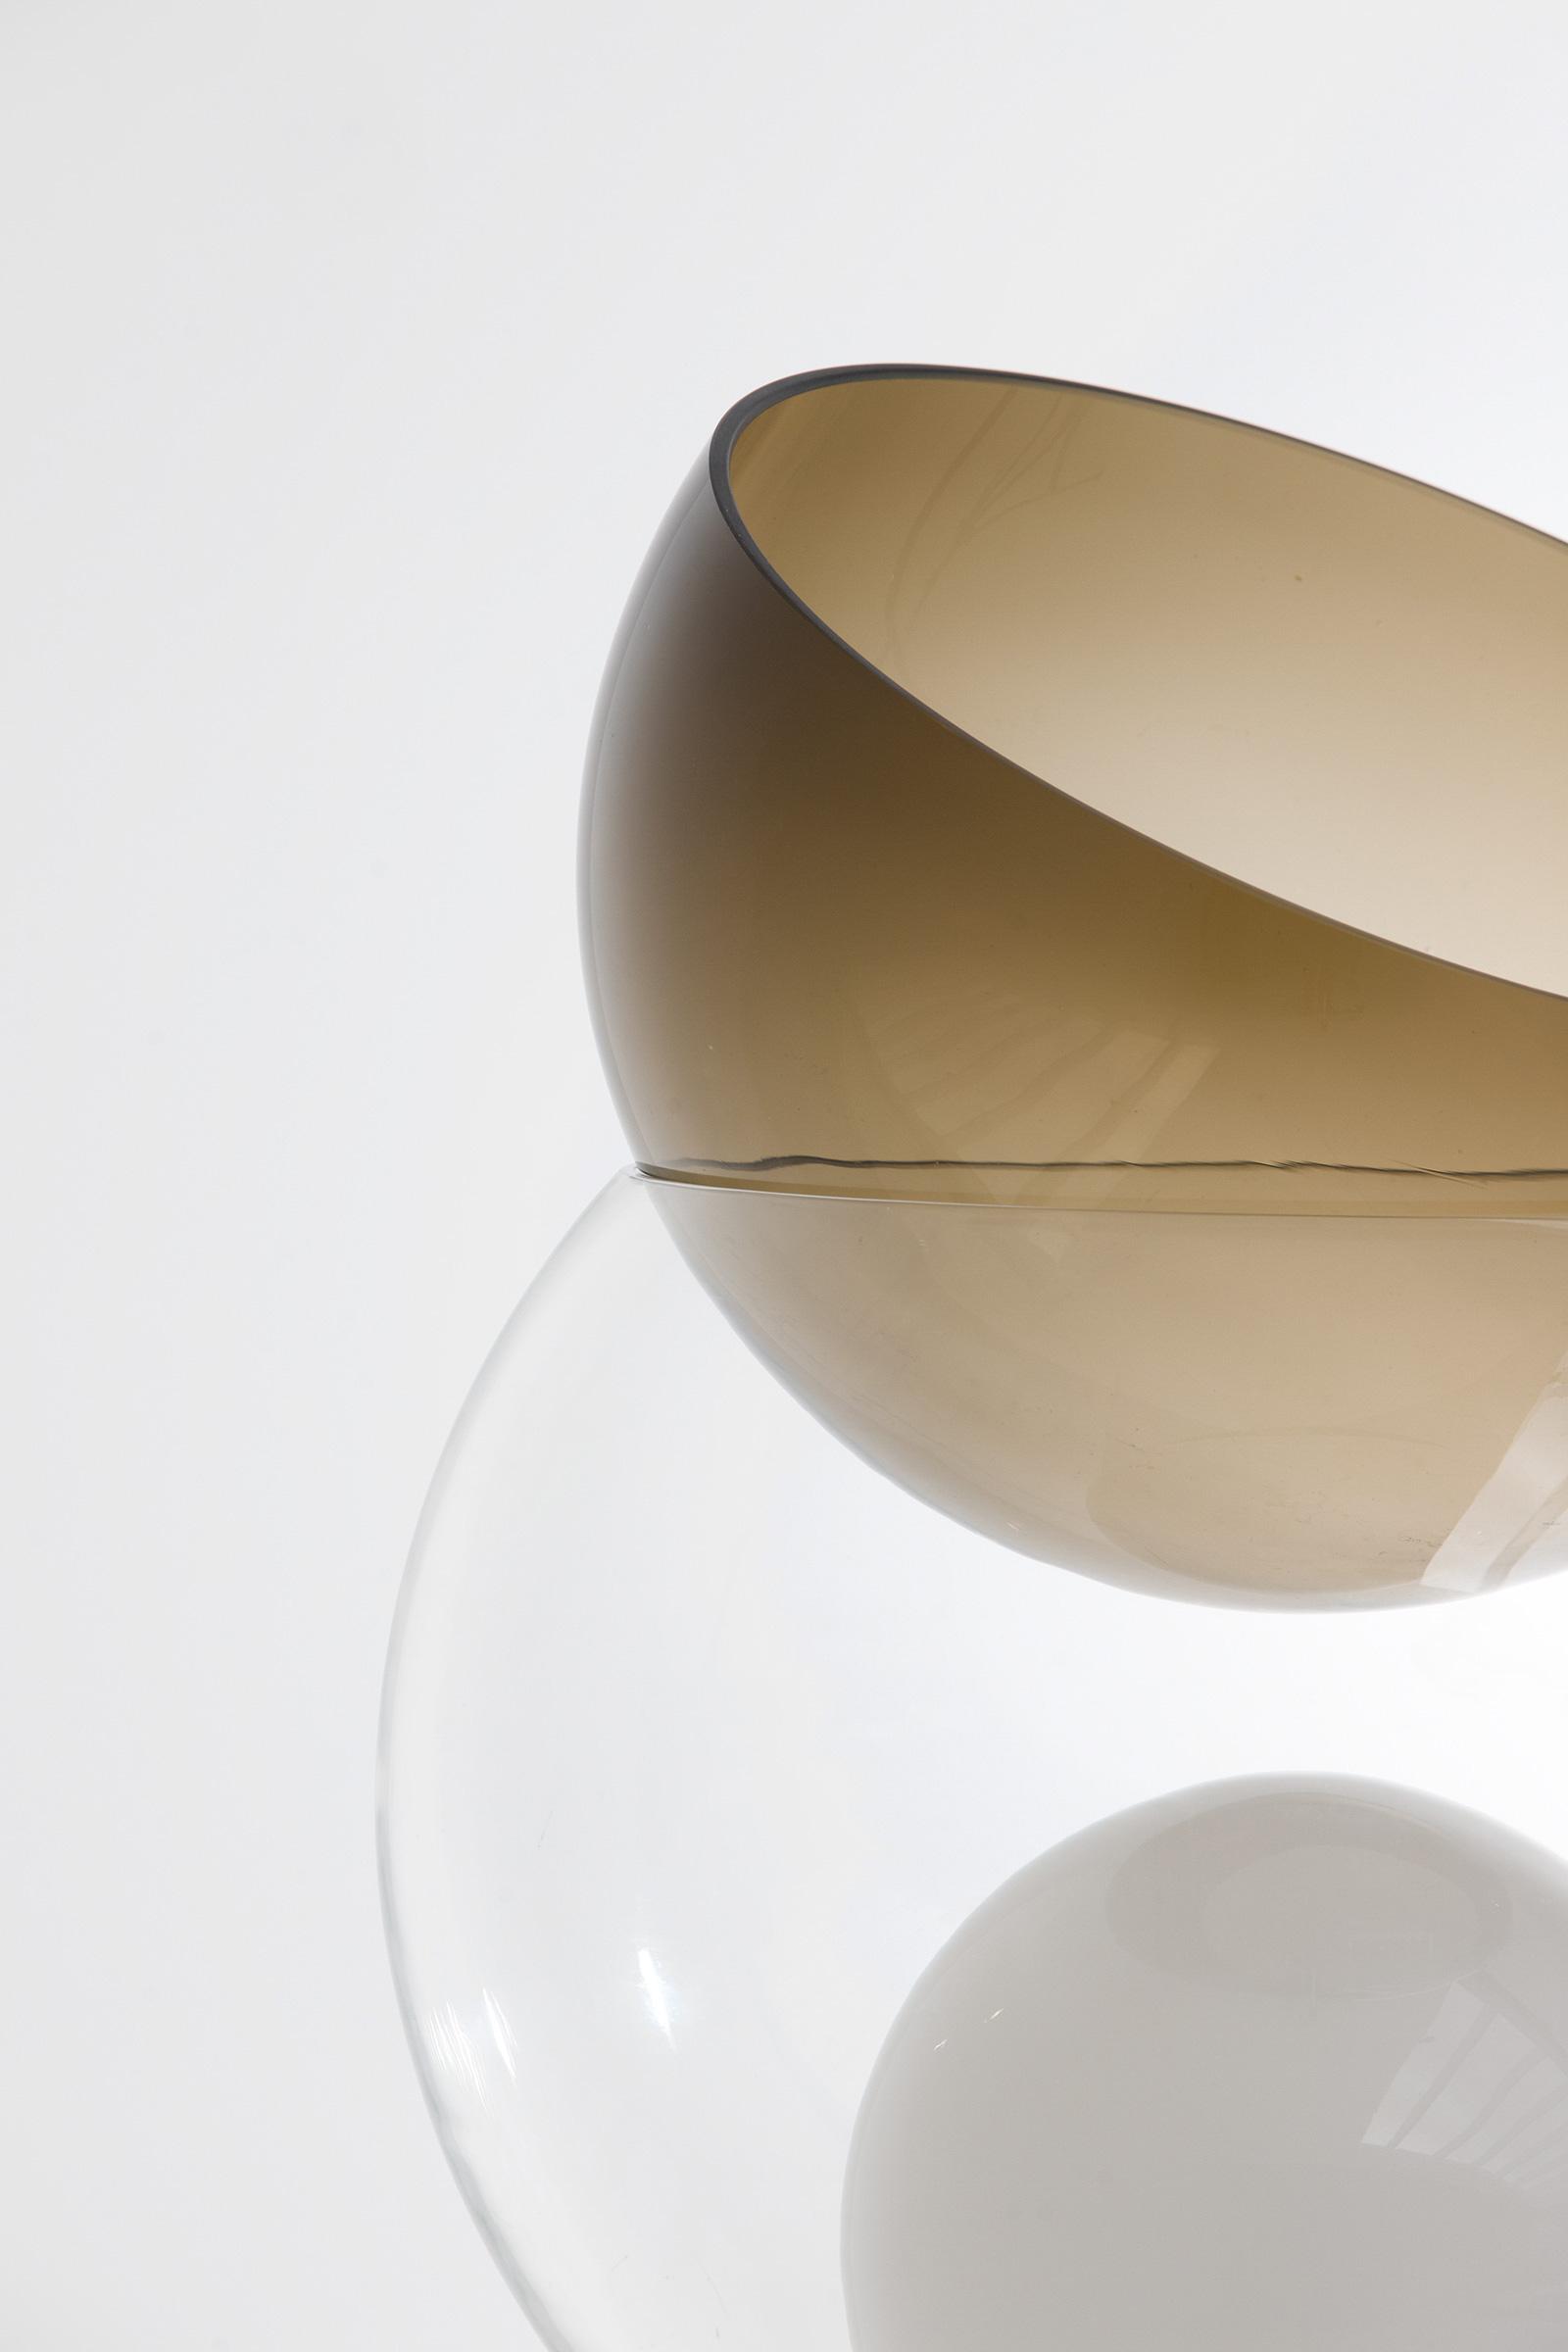 Gae Aulenti Giova Lamp for Fontana Arteimage 2